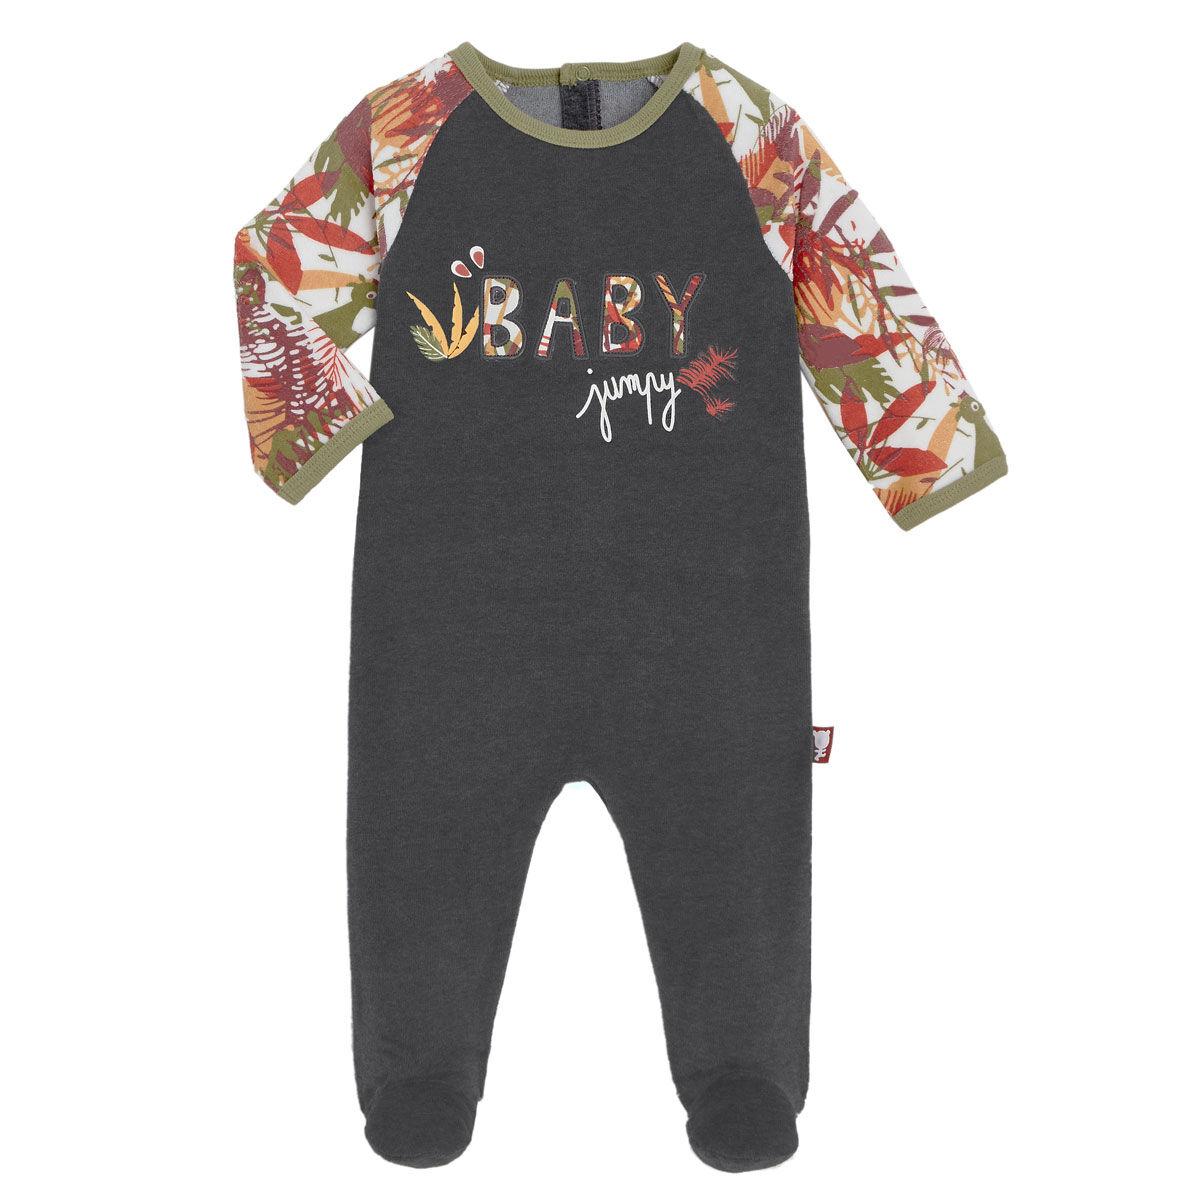 Petit Béguin Pyjama bébé en velours contenant du coton bio Baby Jumpy - Taille - 6 mois